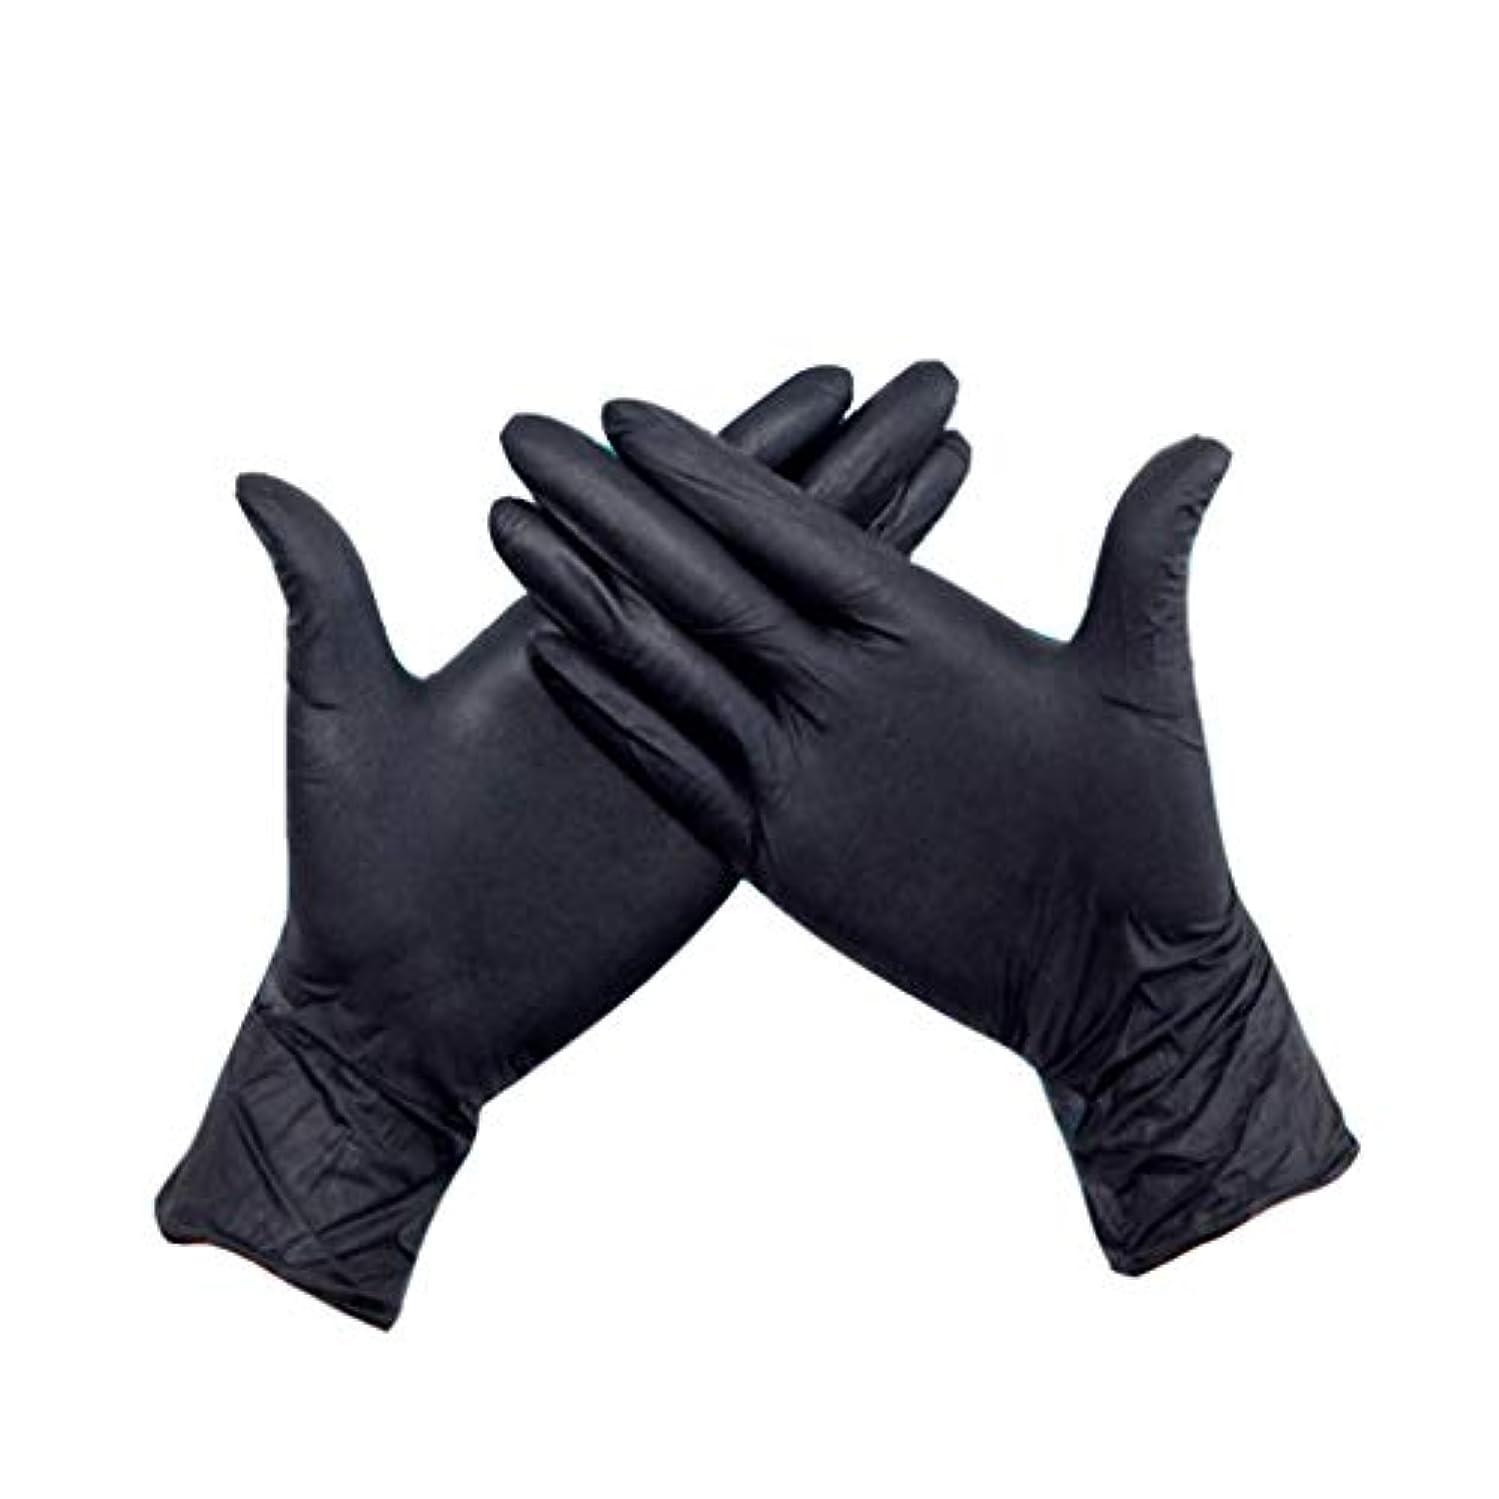 契約した鈍い失われた手袋黒丁qing使い捨て手袋耐摩耗性耐酸アルカリ美しさとヘアケア手袋の厚い丁ding清グローブ200 (UnitCount : 300 only)